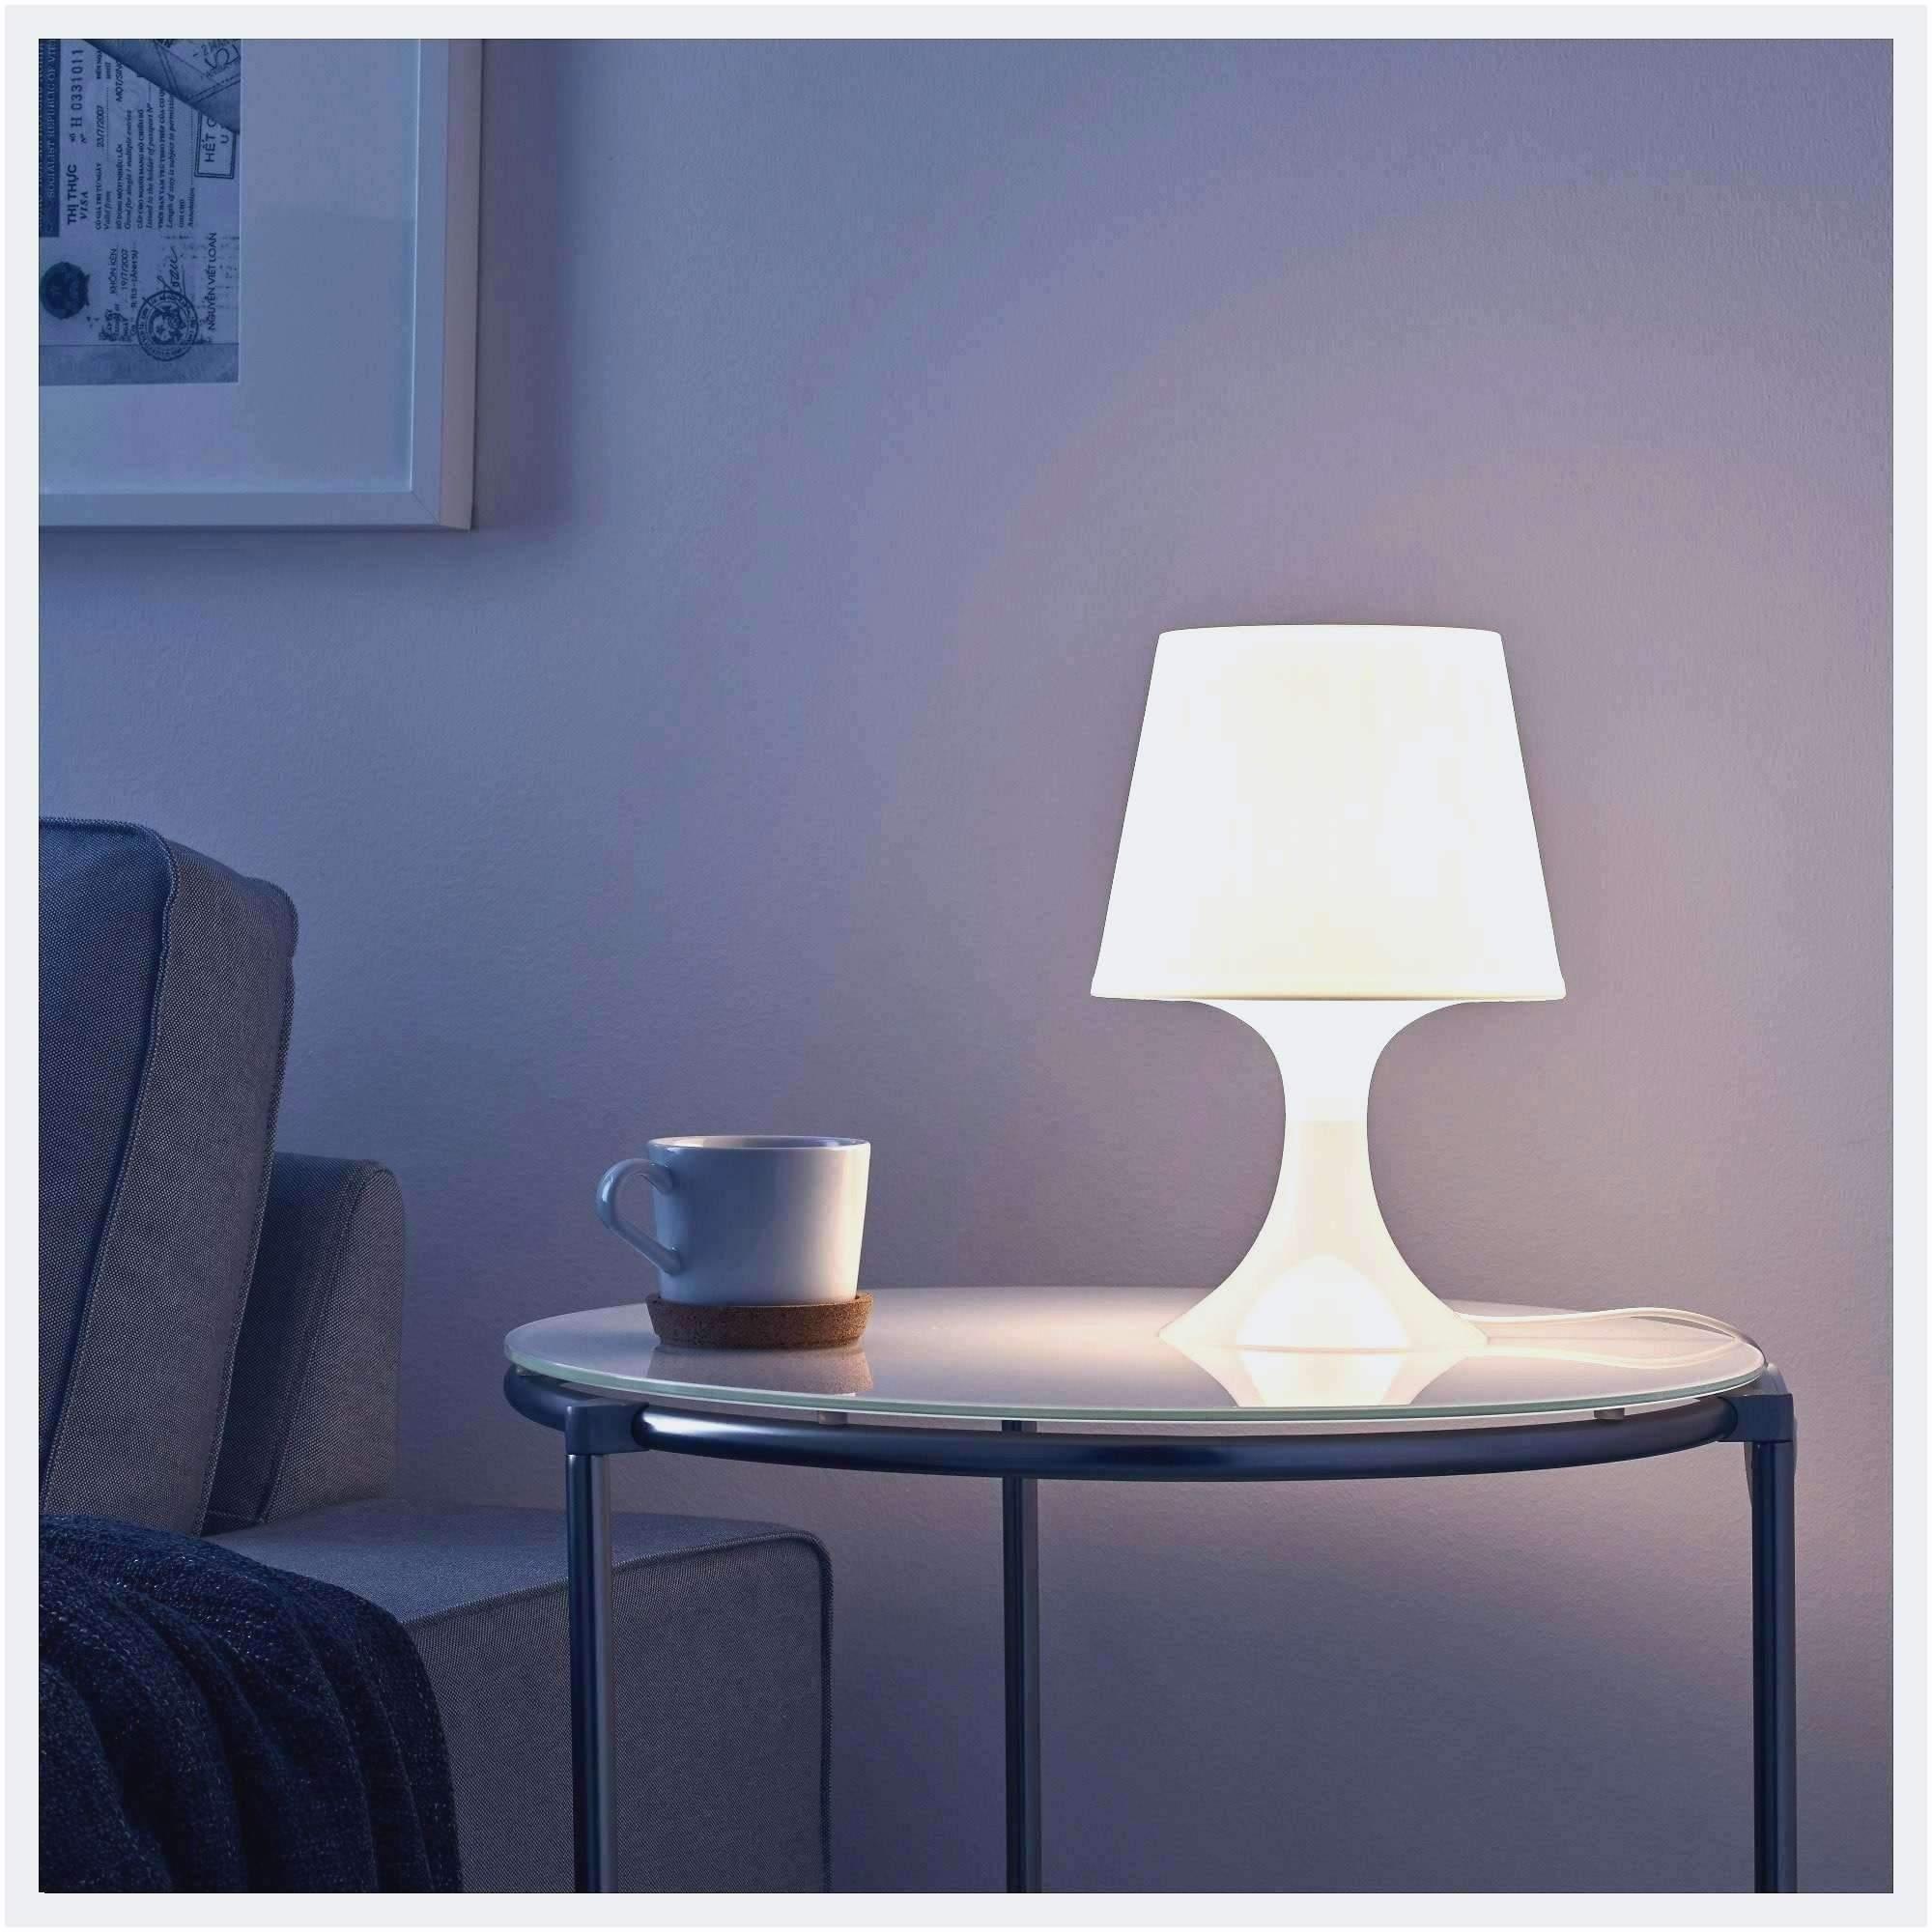 stehlampe wohnzimmer elegant stehlampe wohnzimmer design design tipps von experten in of stehlampe wohnzimmer